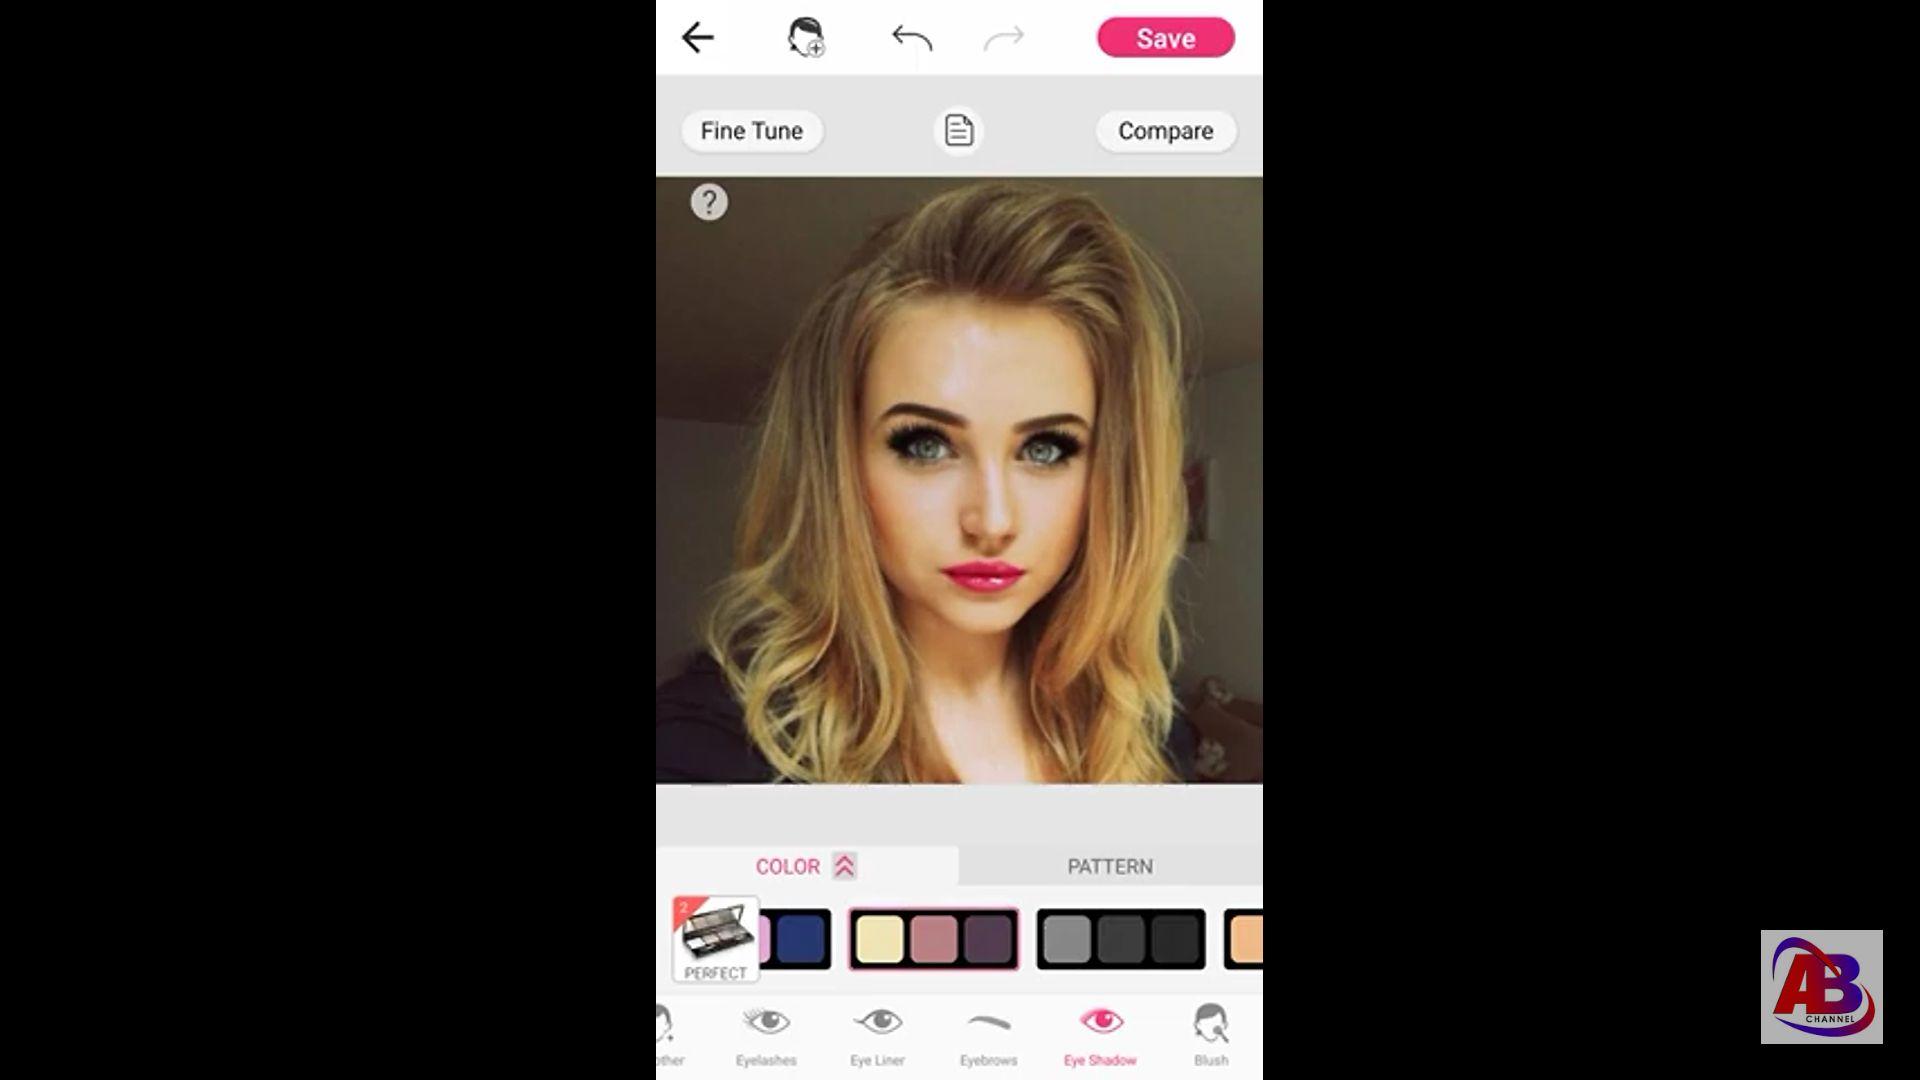 YouCam Makeup maquillaje  para una selfie de portada AB Channel  2020, herramienta de color de ojos.